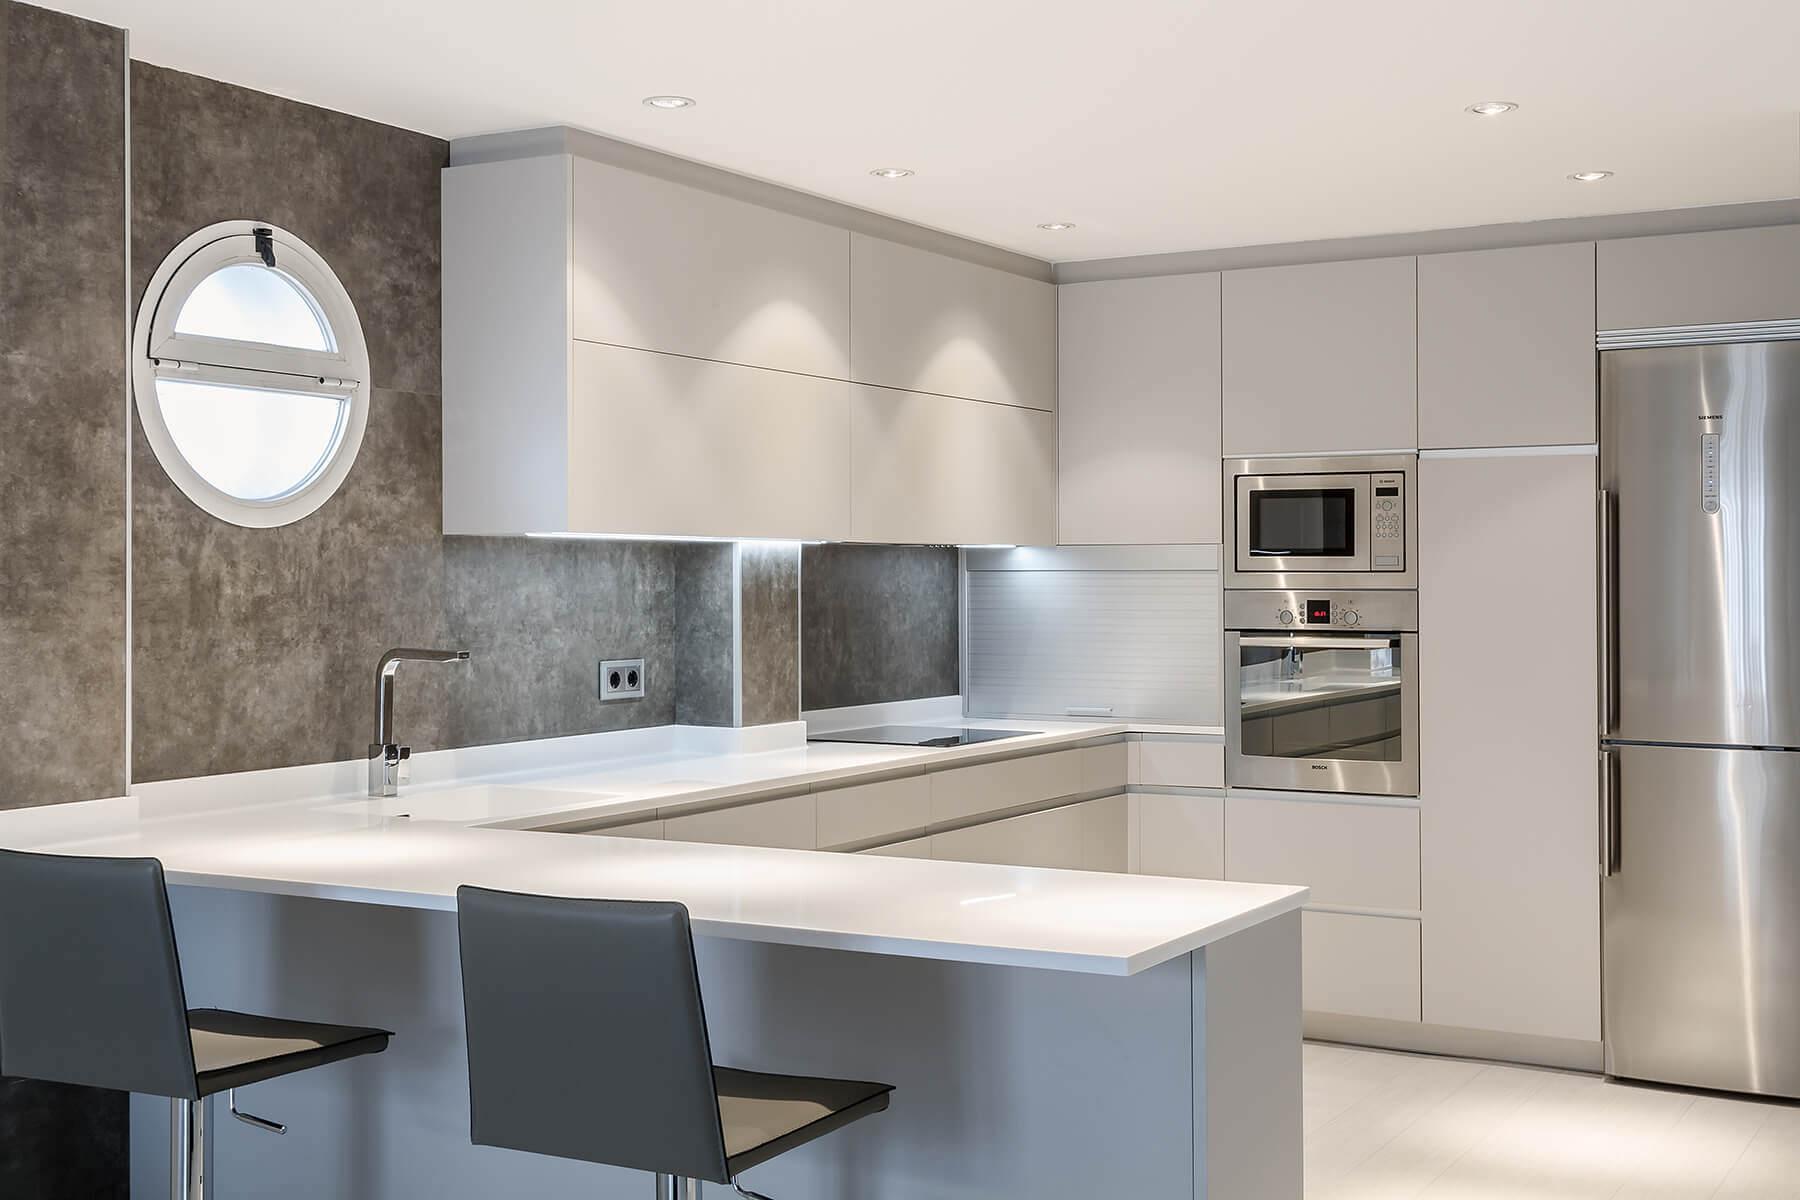 Cocina con península en colores grises con 2 taburetes en la península